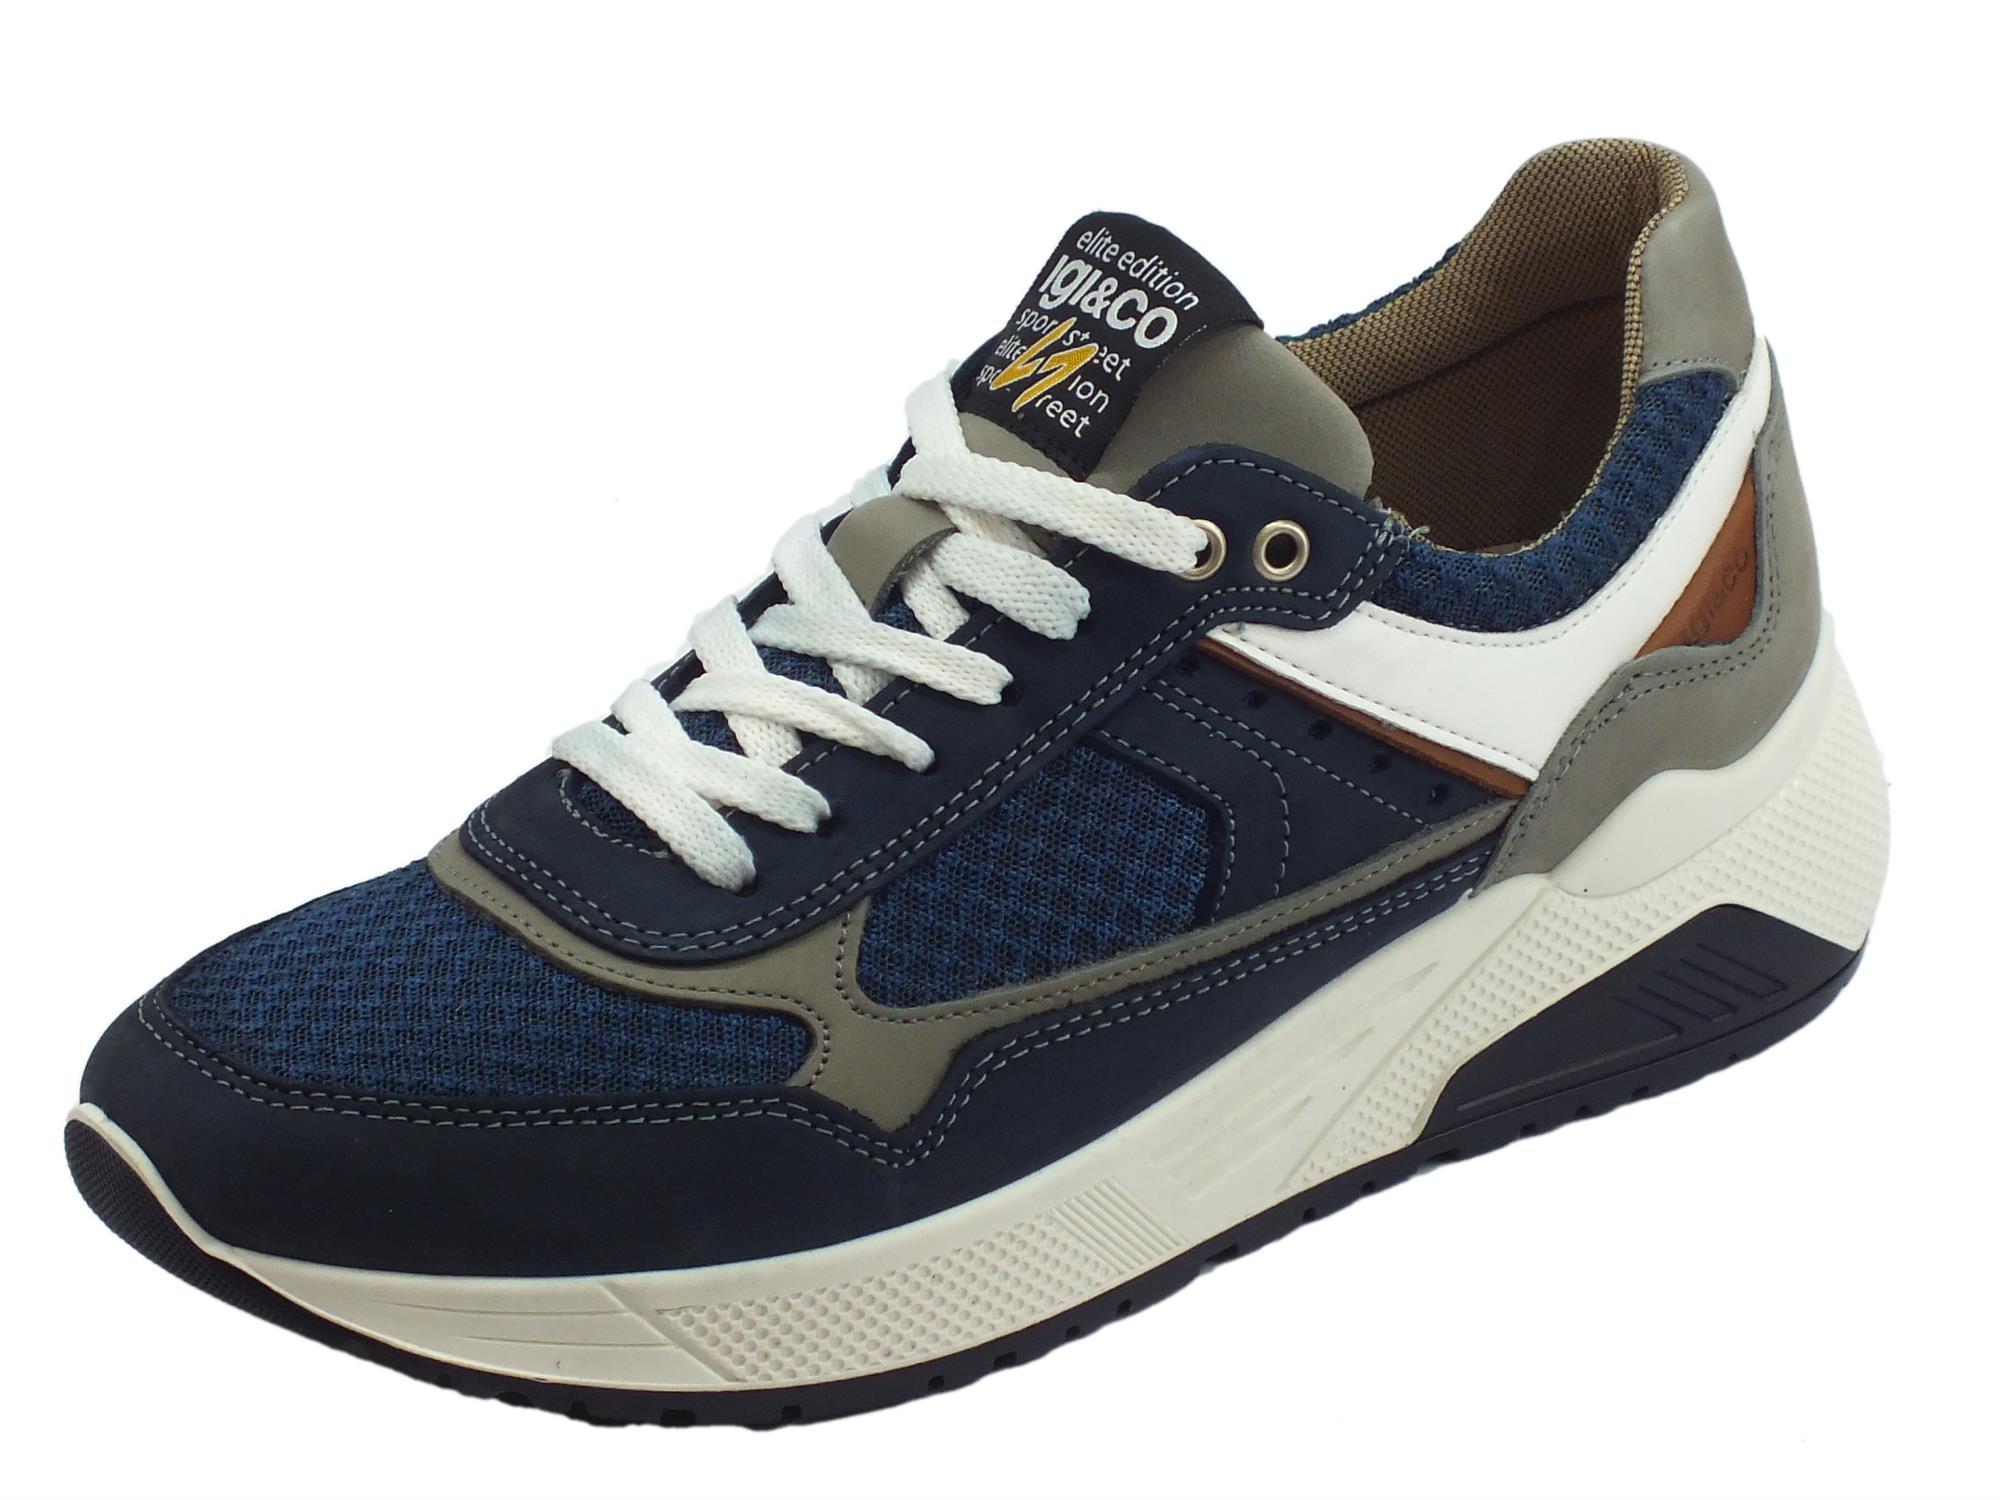 54852bbb82e1 Igi&Co elite edition sport street scarpe uomo in nabuk e tessuto azzurro